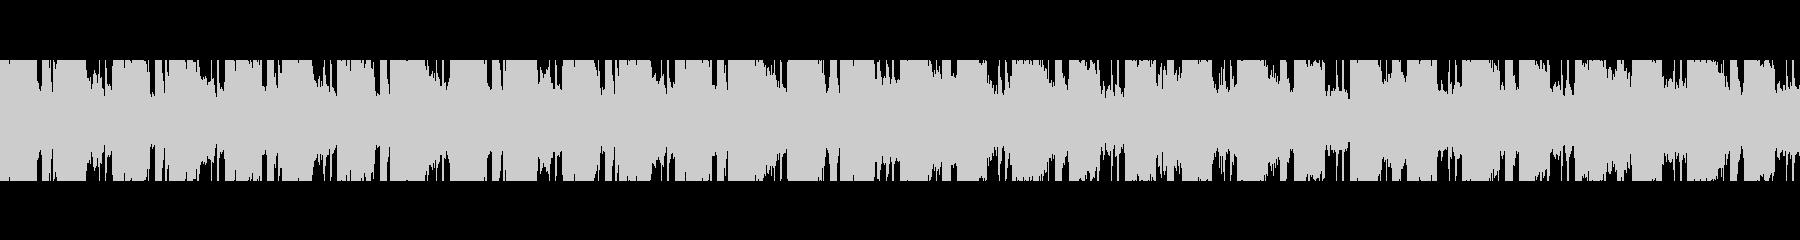 中東砂漠(ループ)の未再生の波形